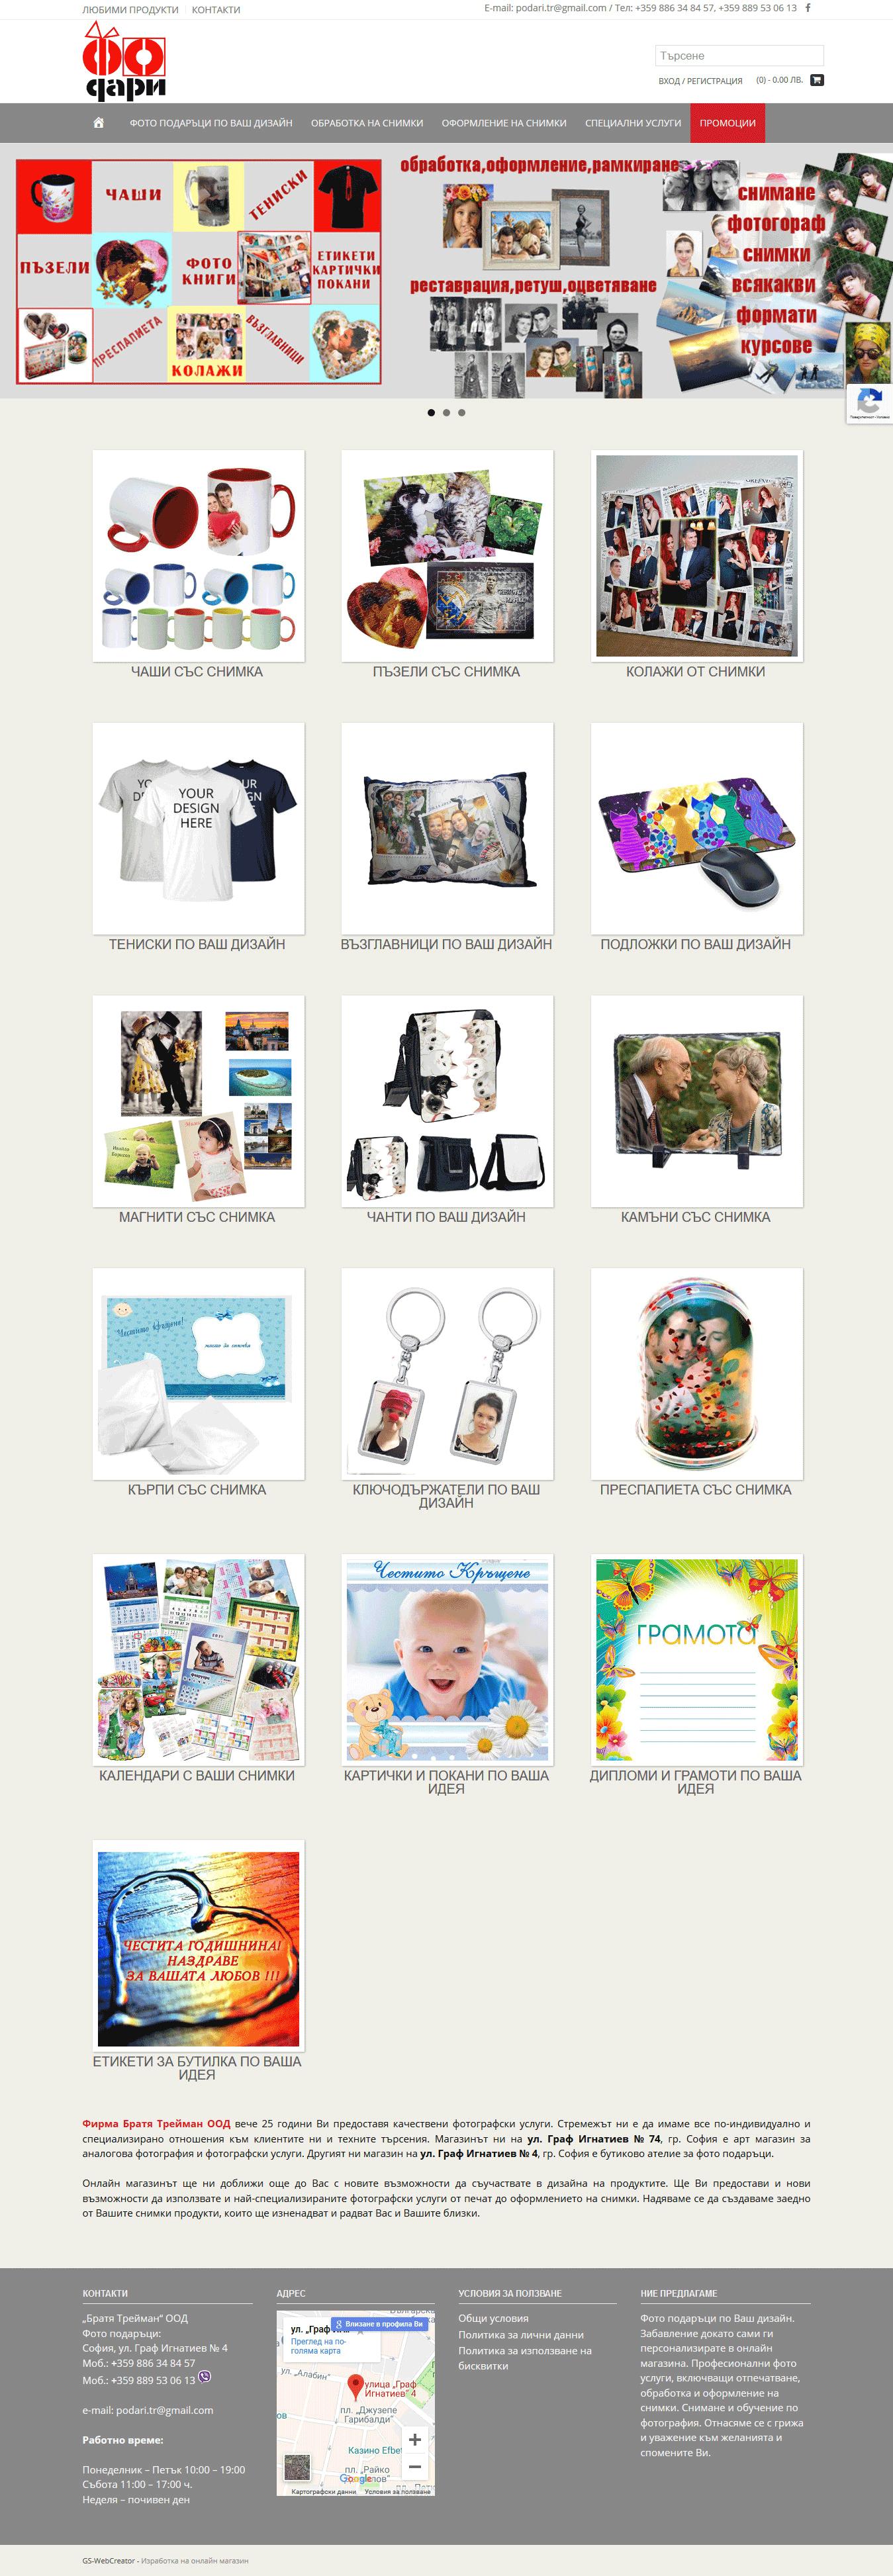 Изработка на онлайн магазин за фото подаръци, обработка и оформление на снимки на Братя Трейман ООД от GS-WebCreator